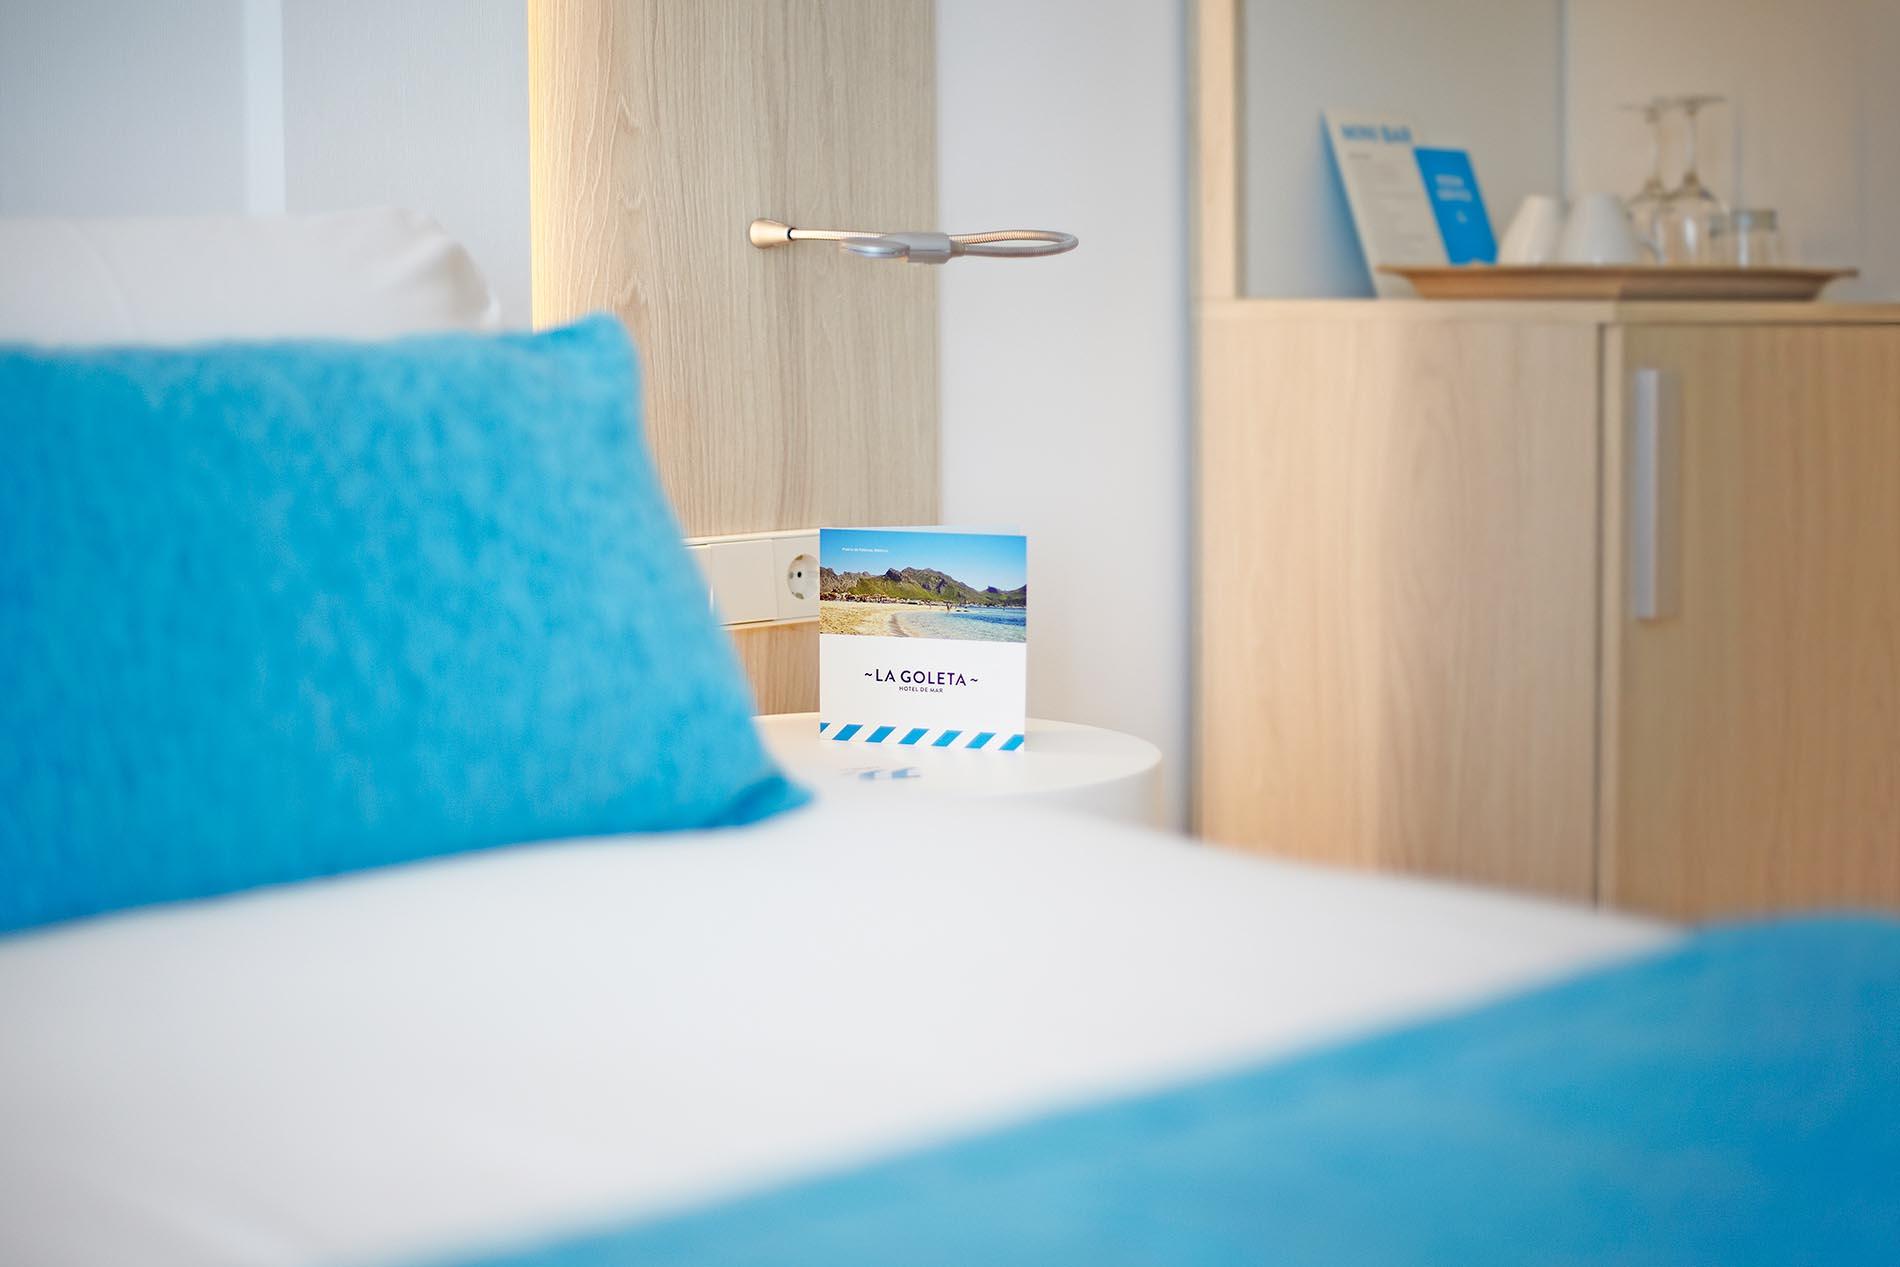 La Goleta hotel de mar branding habitación detalle